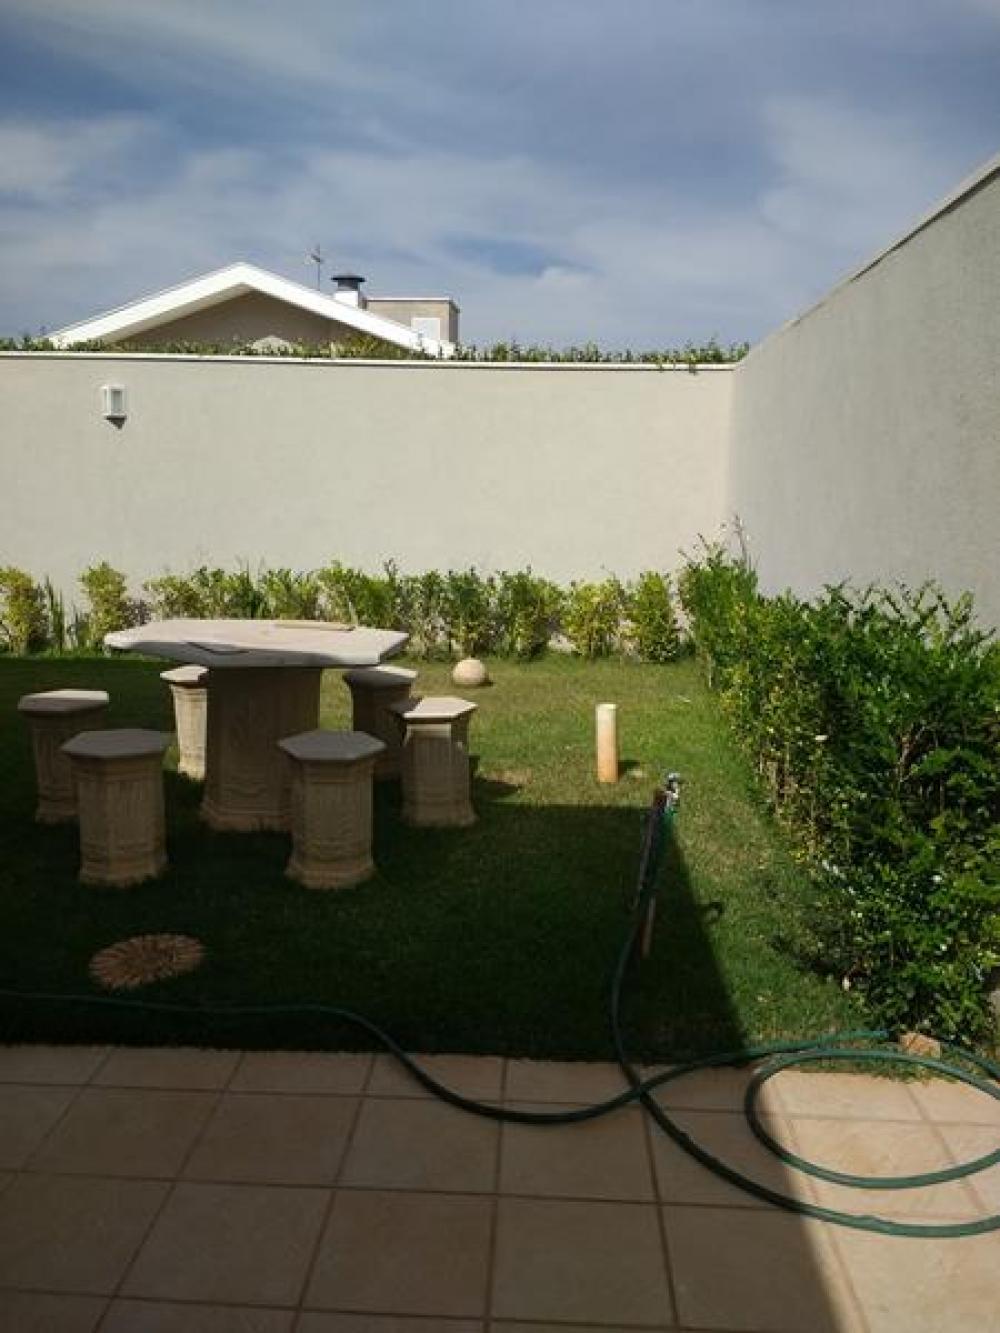 SAO JOSE DO RIO PRETO Casa Venda R$780.000,00 Condominio R$470,00 3 Dormitorios 1 Suite Area do terreno 420.00m2 Area construida 220.00m2